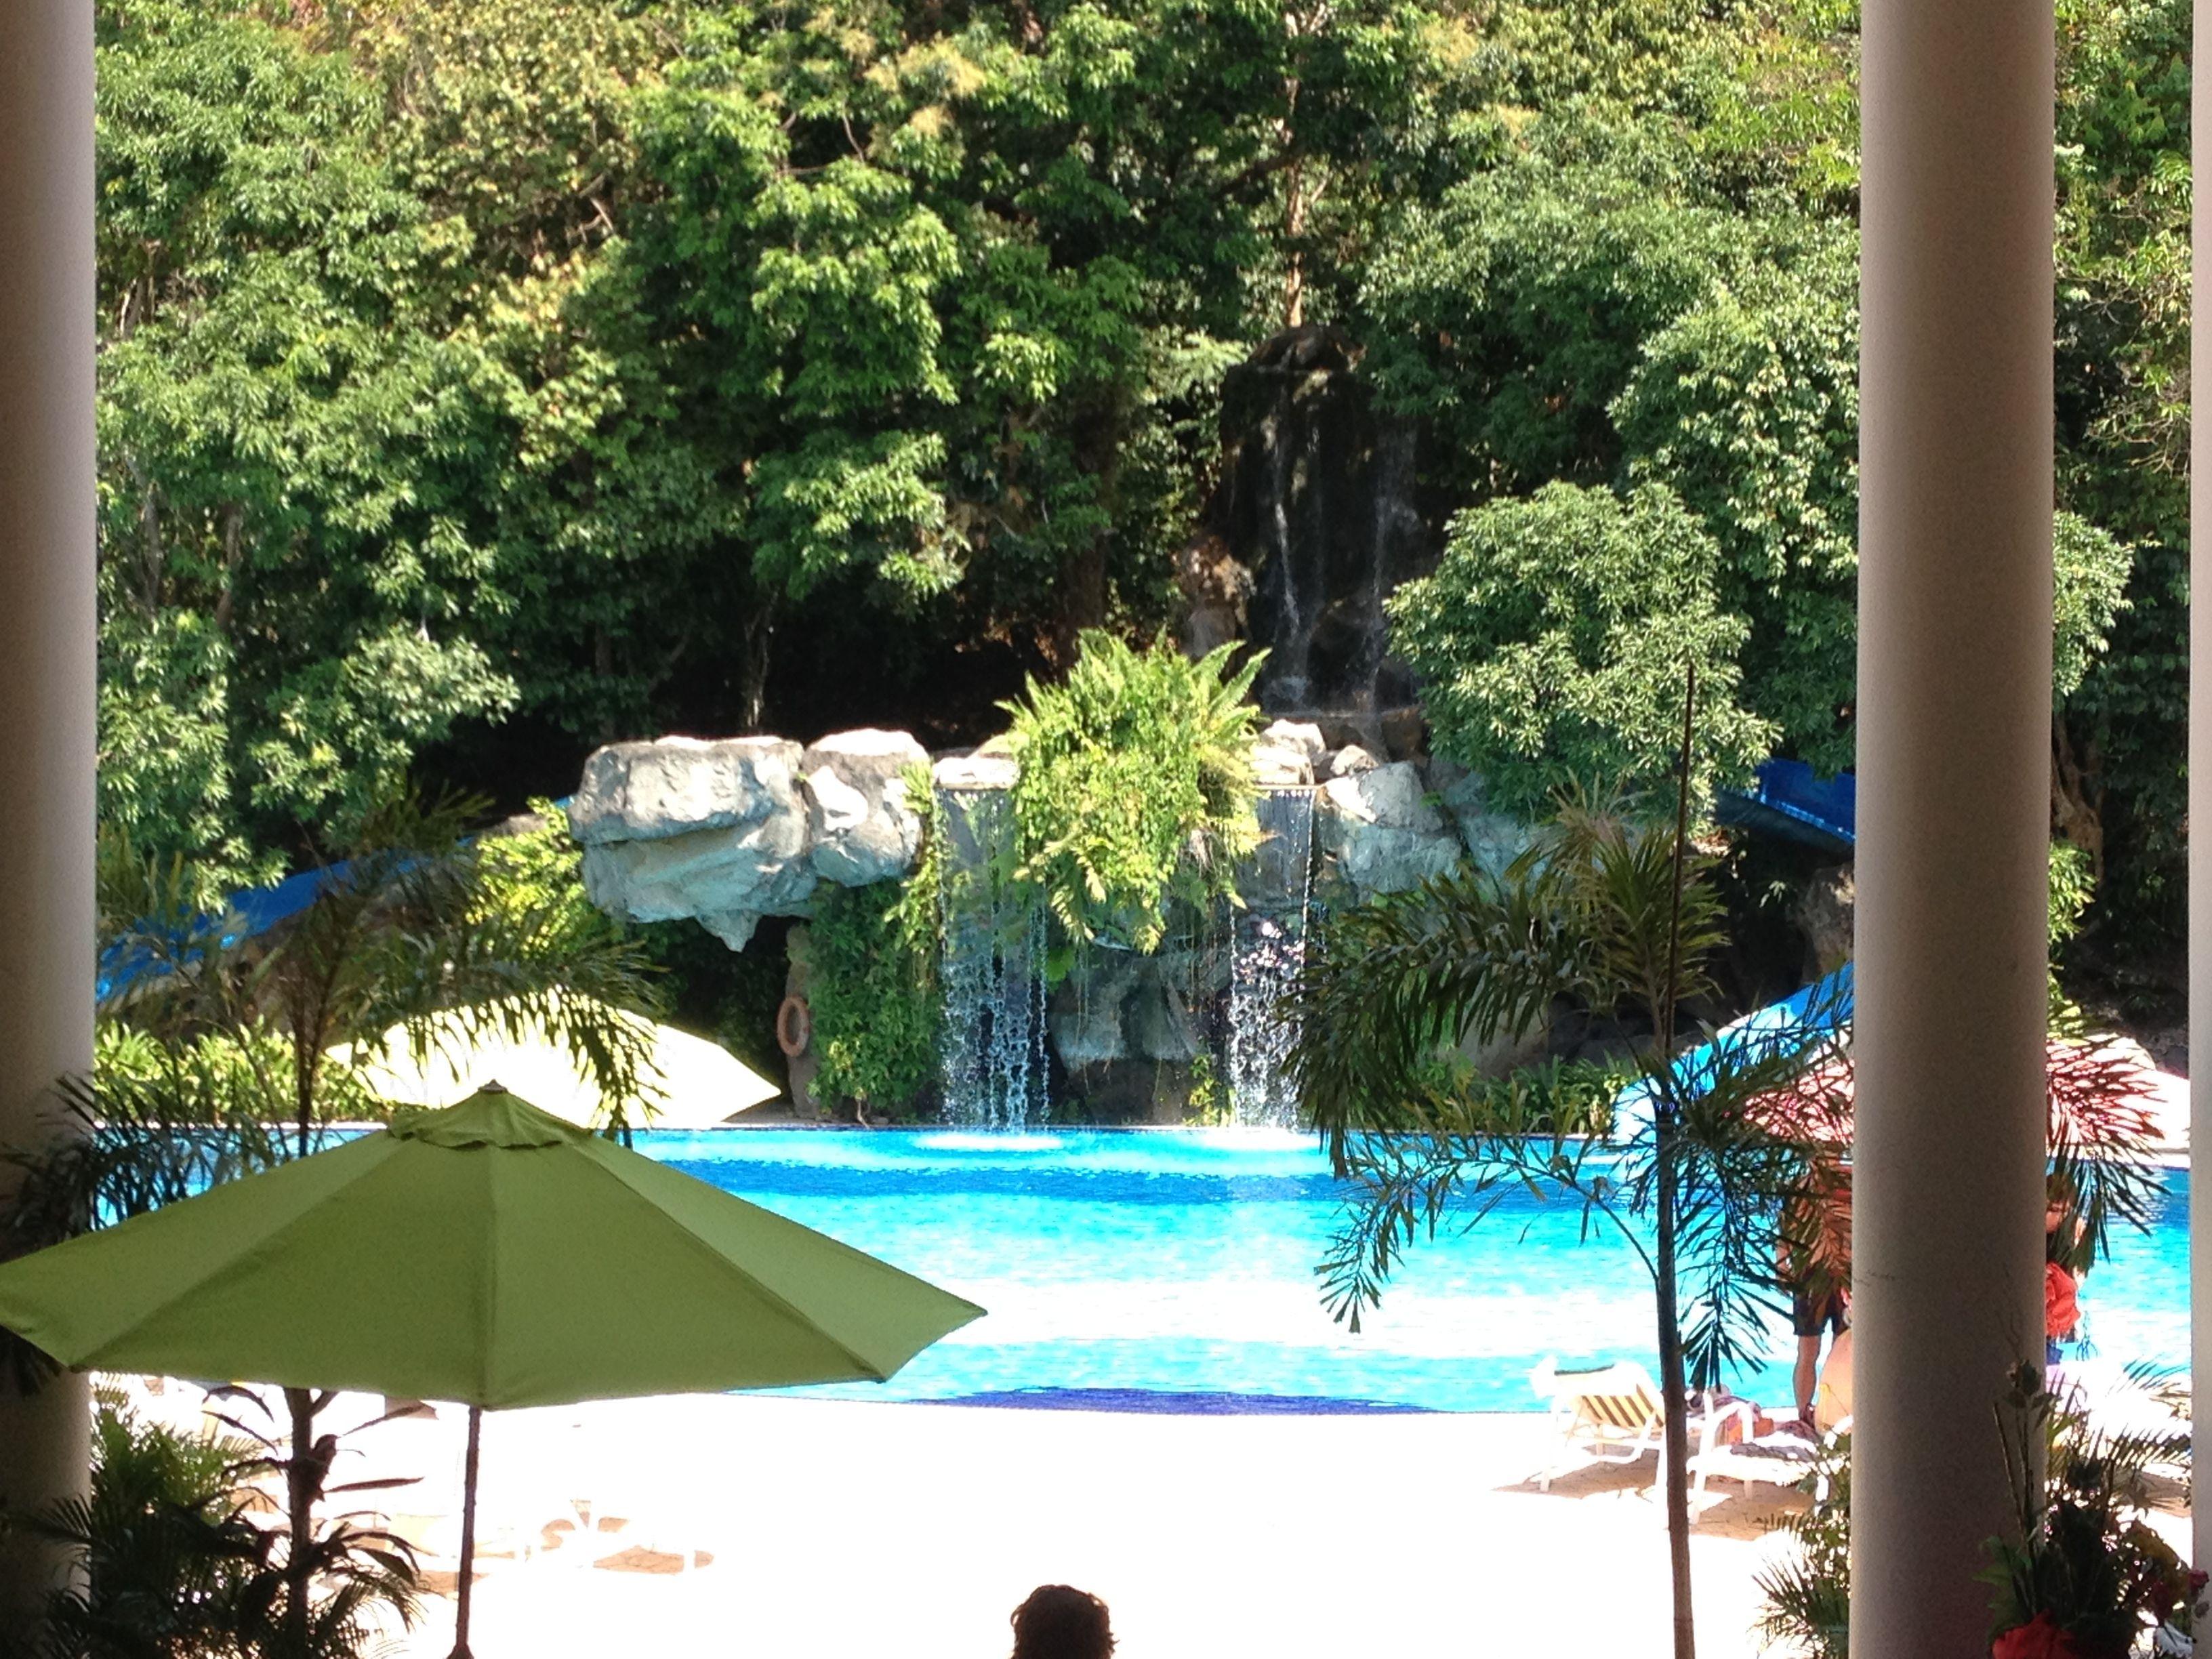 Aseania Resort Langkawi Waterfall Pool | Places | Pinterest | Resorts